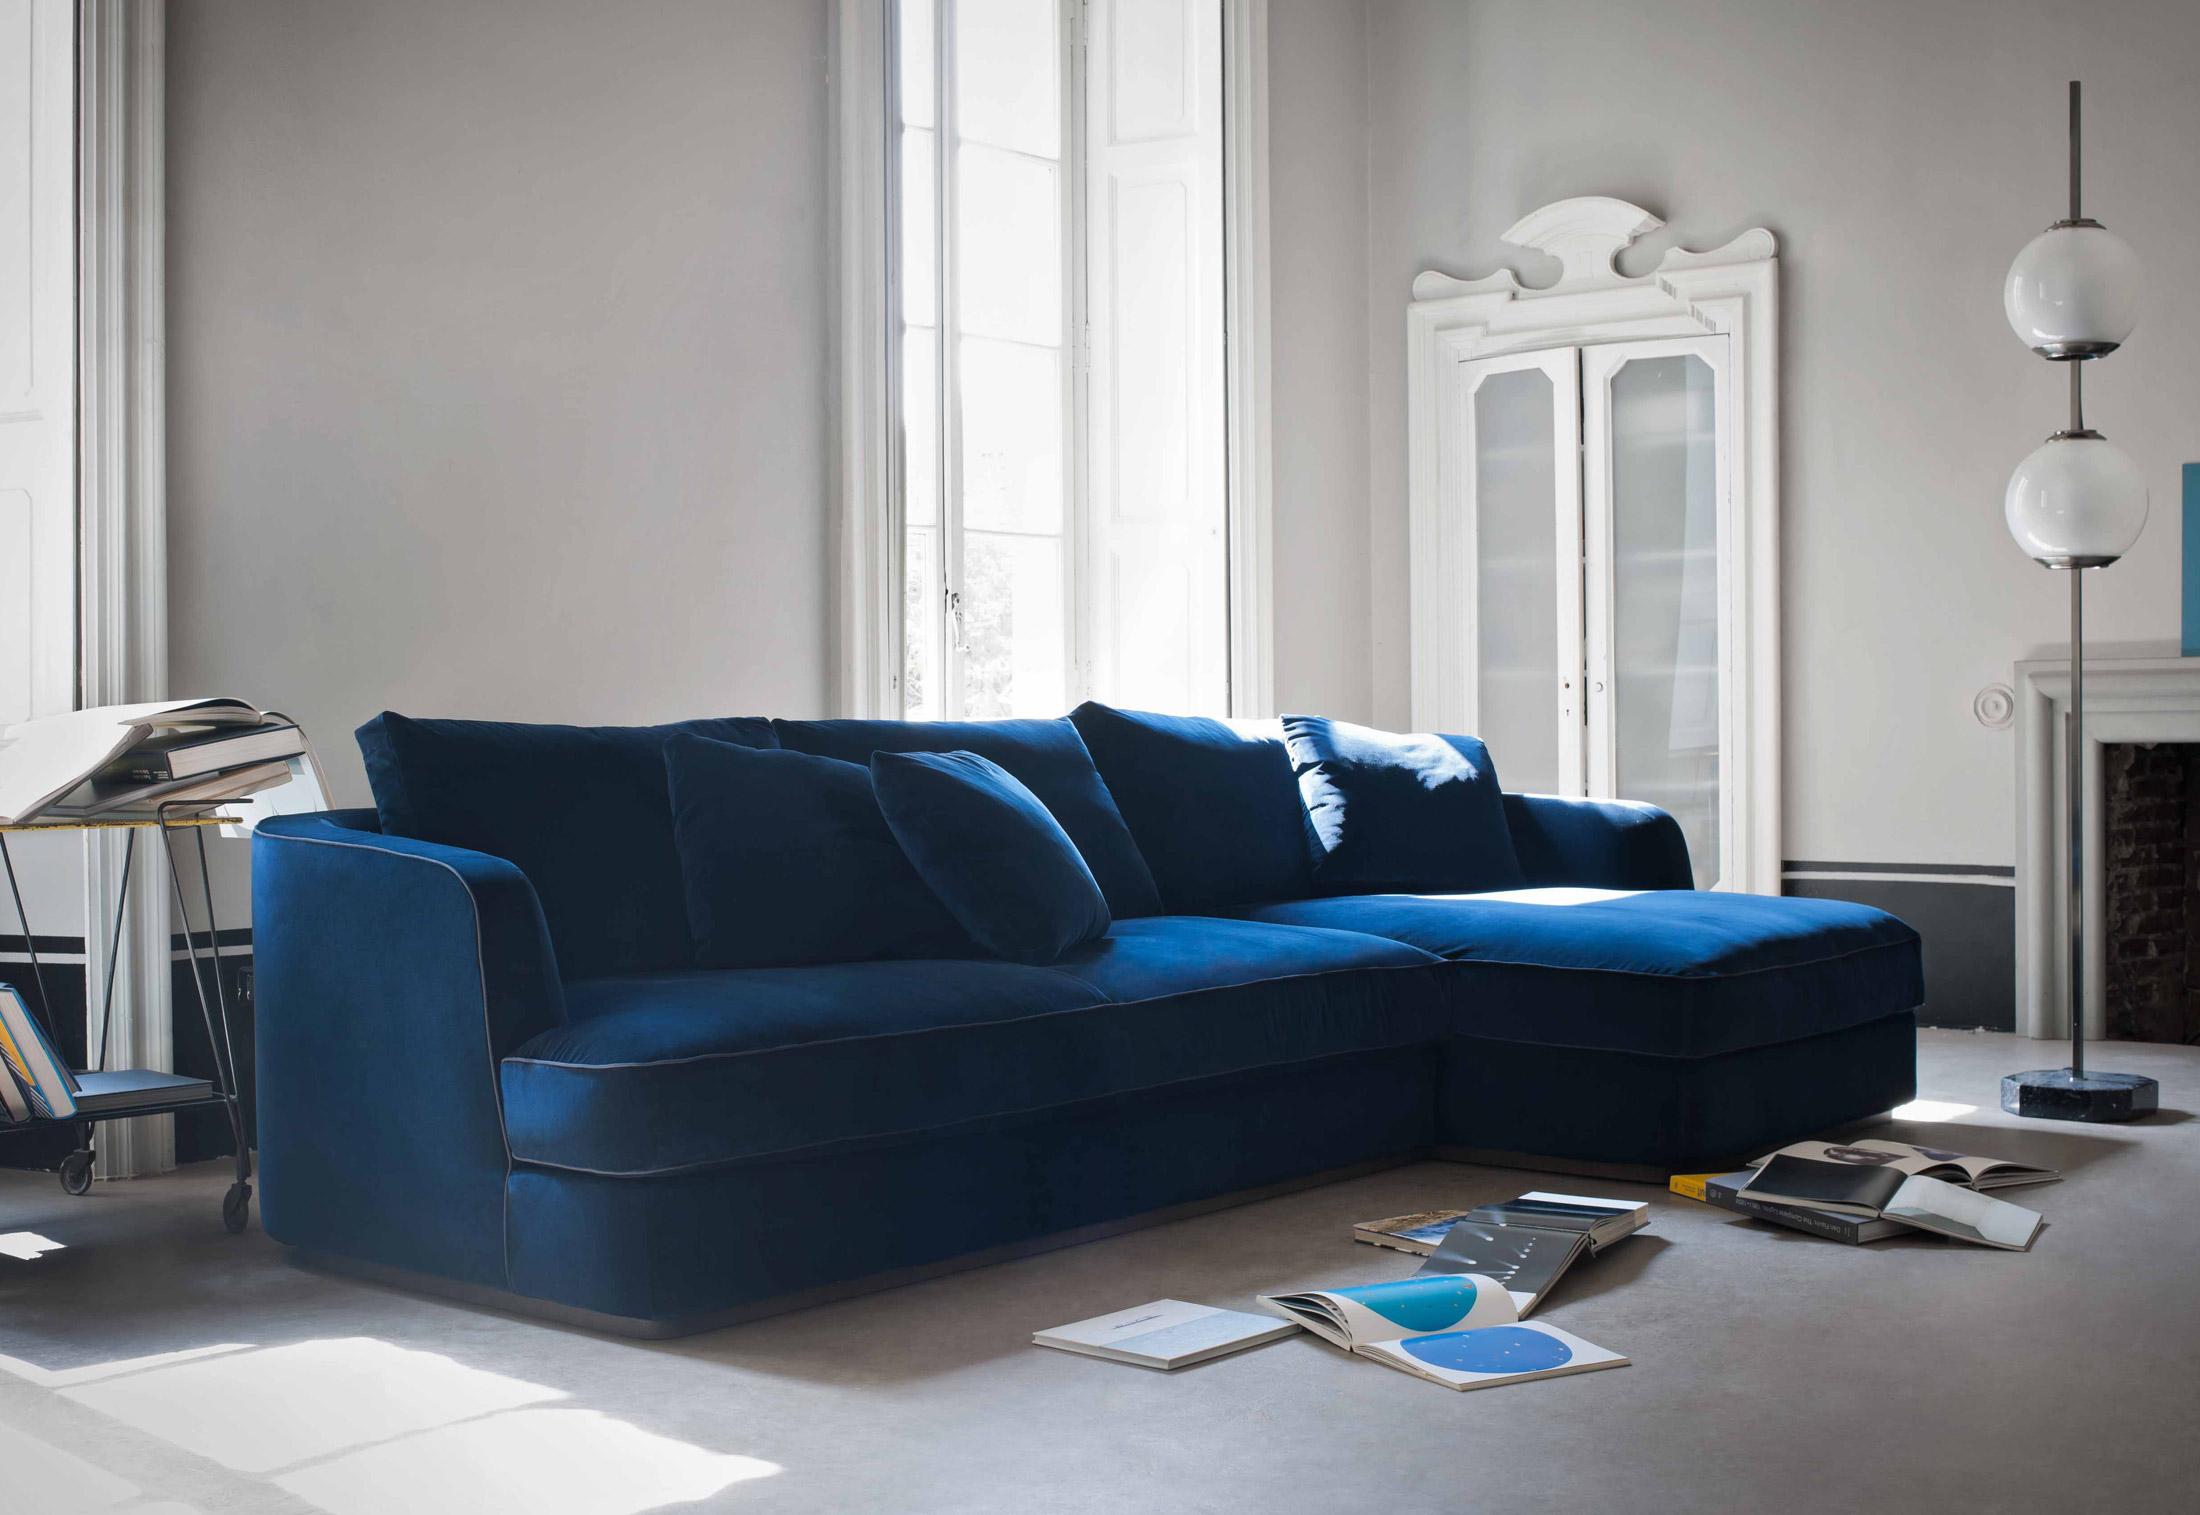 Barret Sectional Sofa